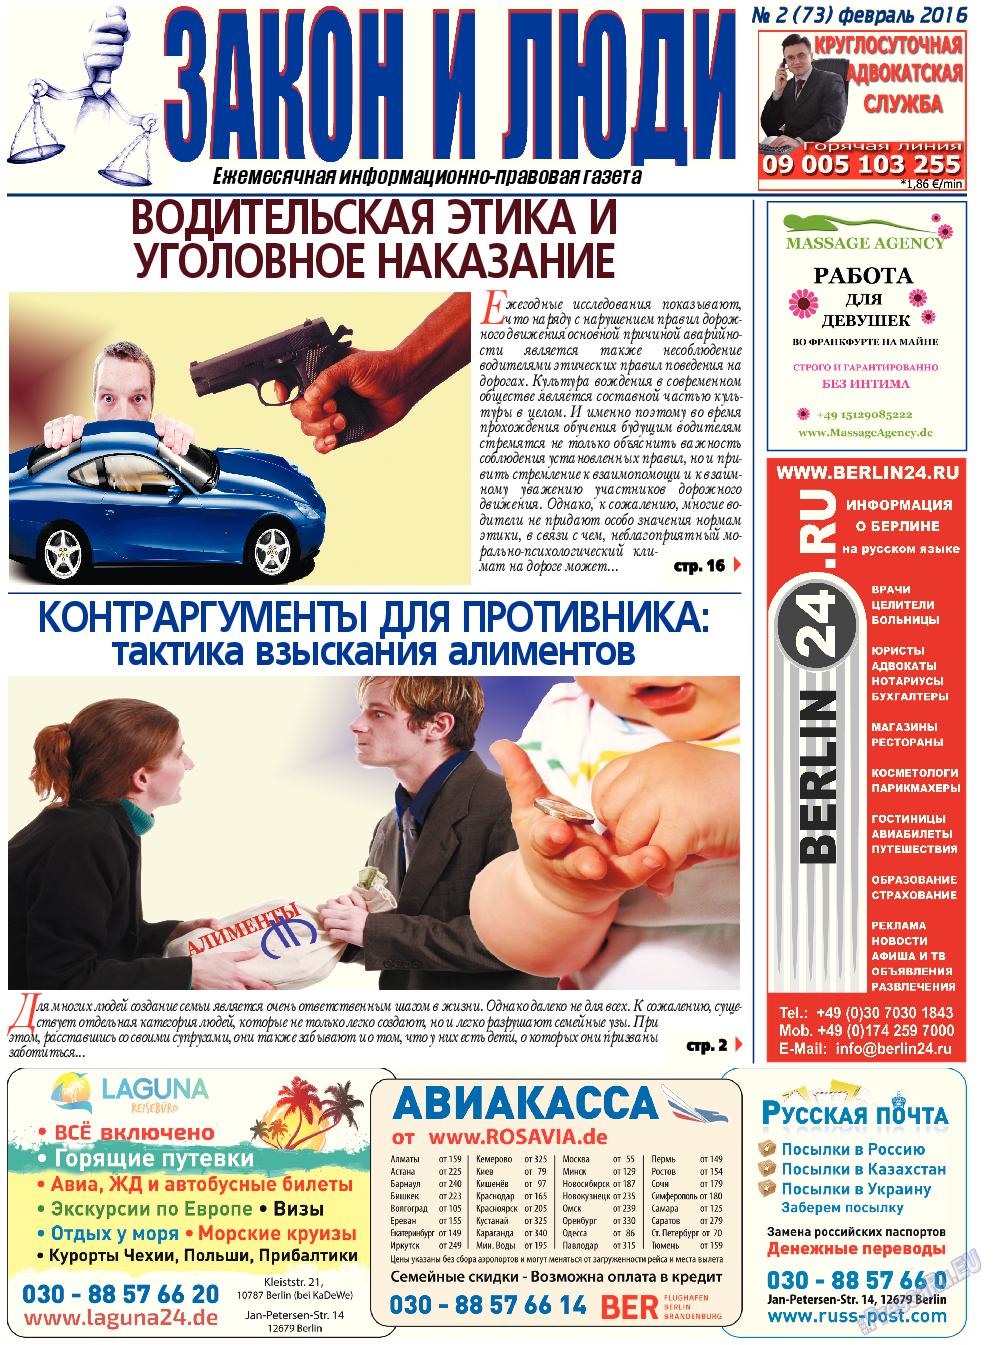 Закон и люди (газета). 2016 год, номер 2, стр. 1